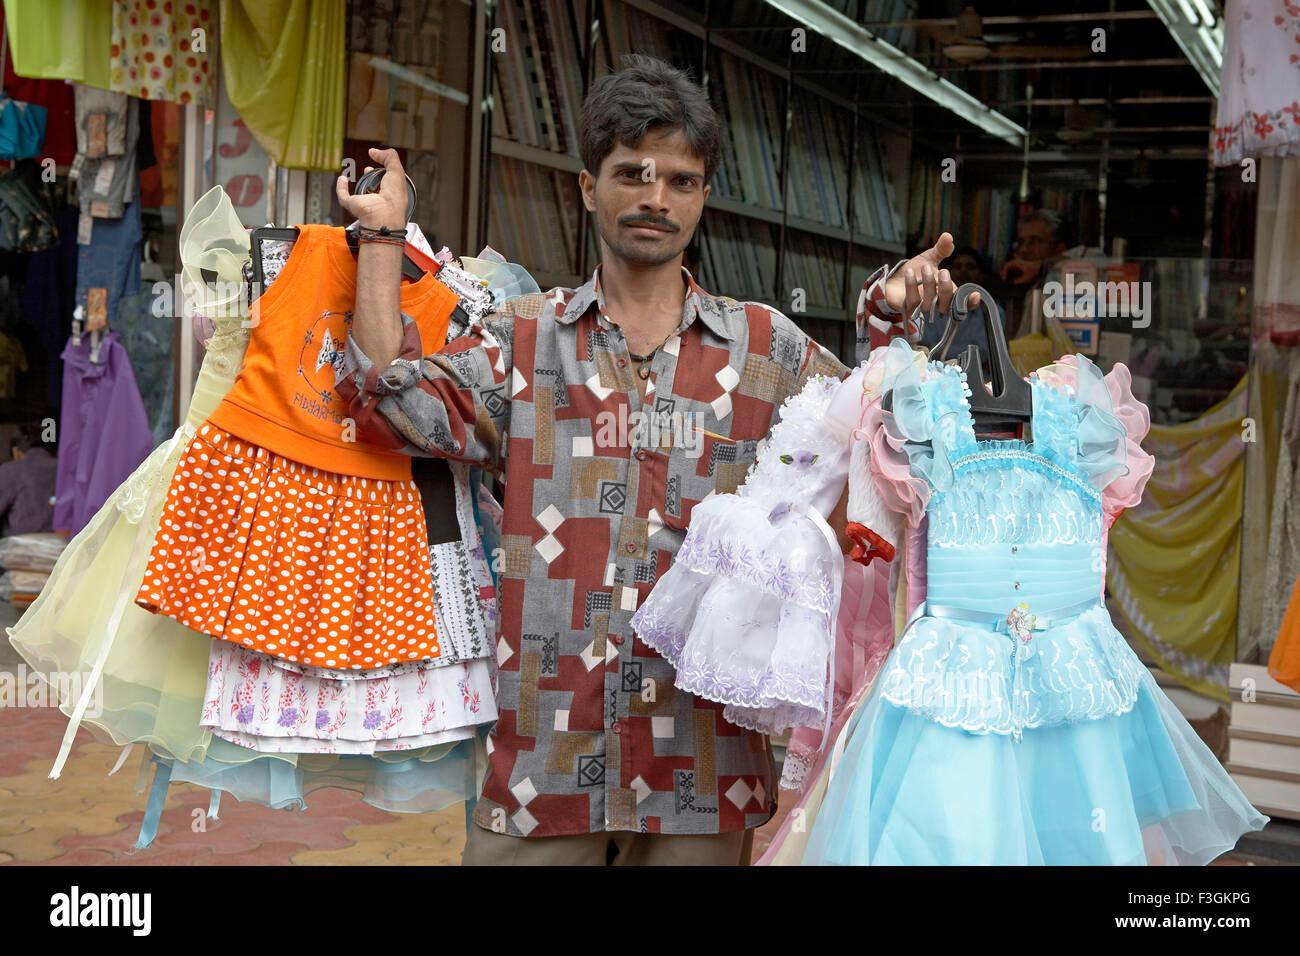 Un hawker visualizza Pronta abiti indiani come egli cammina lungo una  strada trafficata   Mumbai Bombay 21a825d6e73